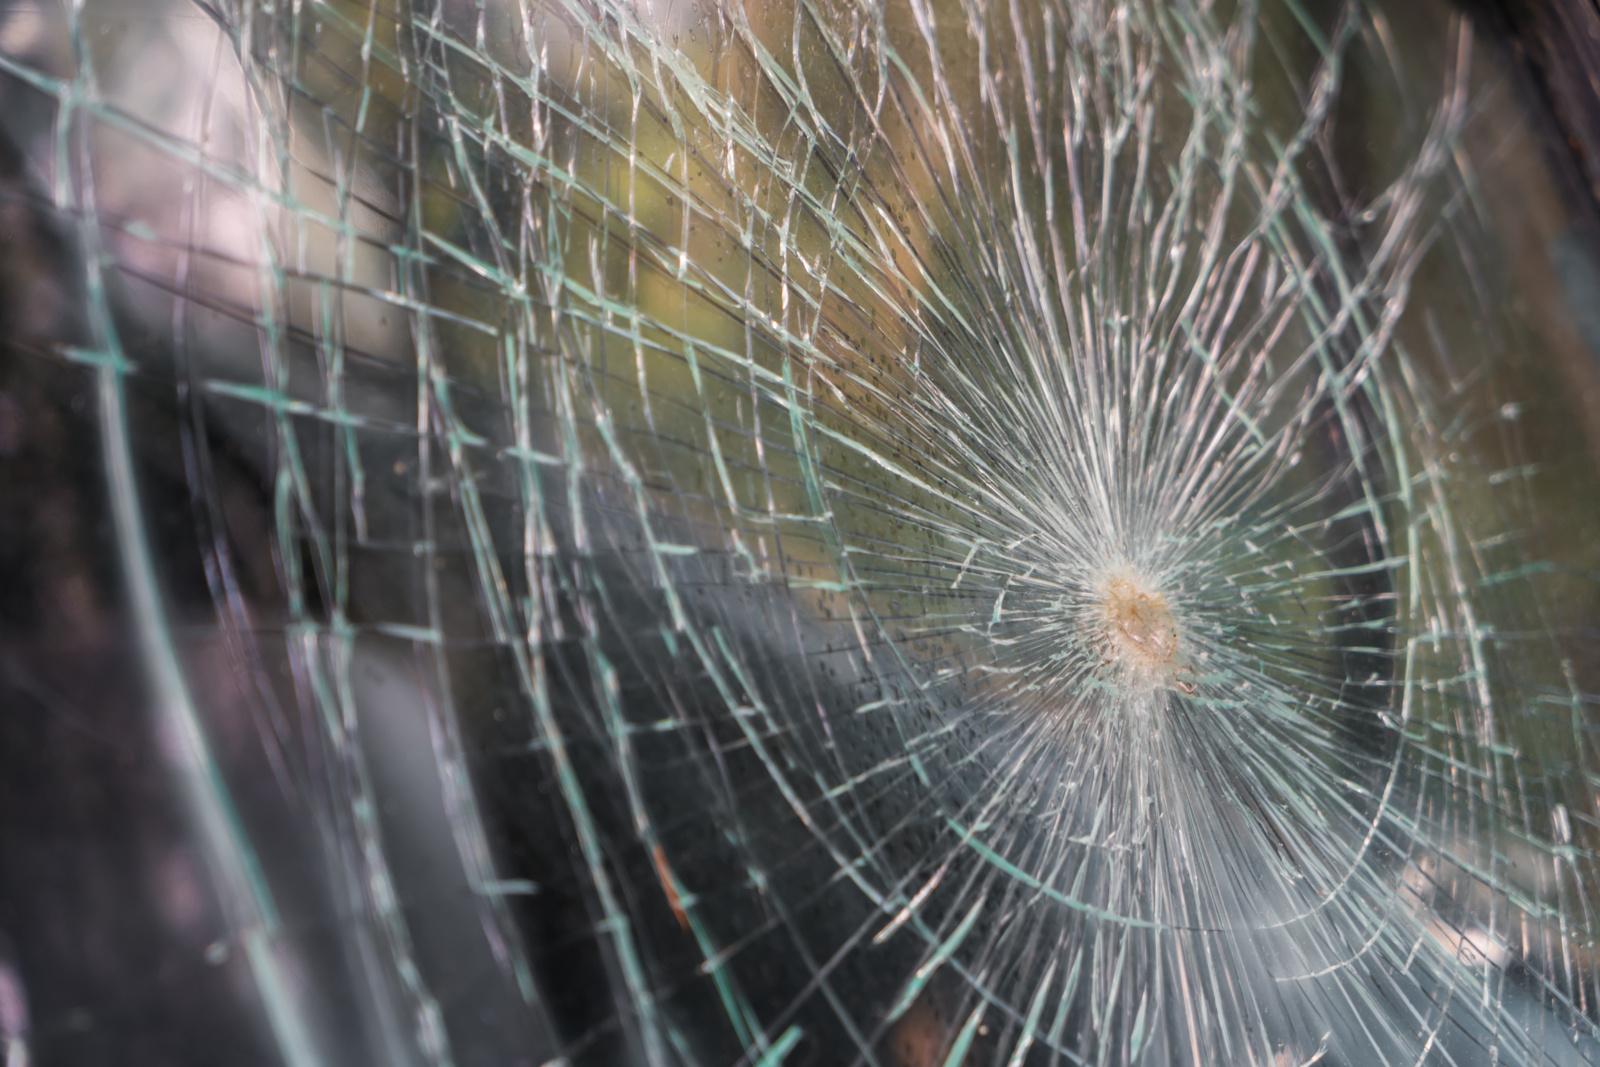 Šiaulių rajone automobilis mirtinai sužalojo pėsčiąjį